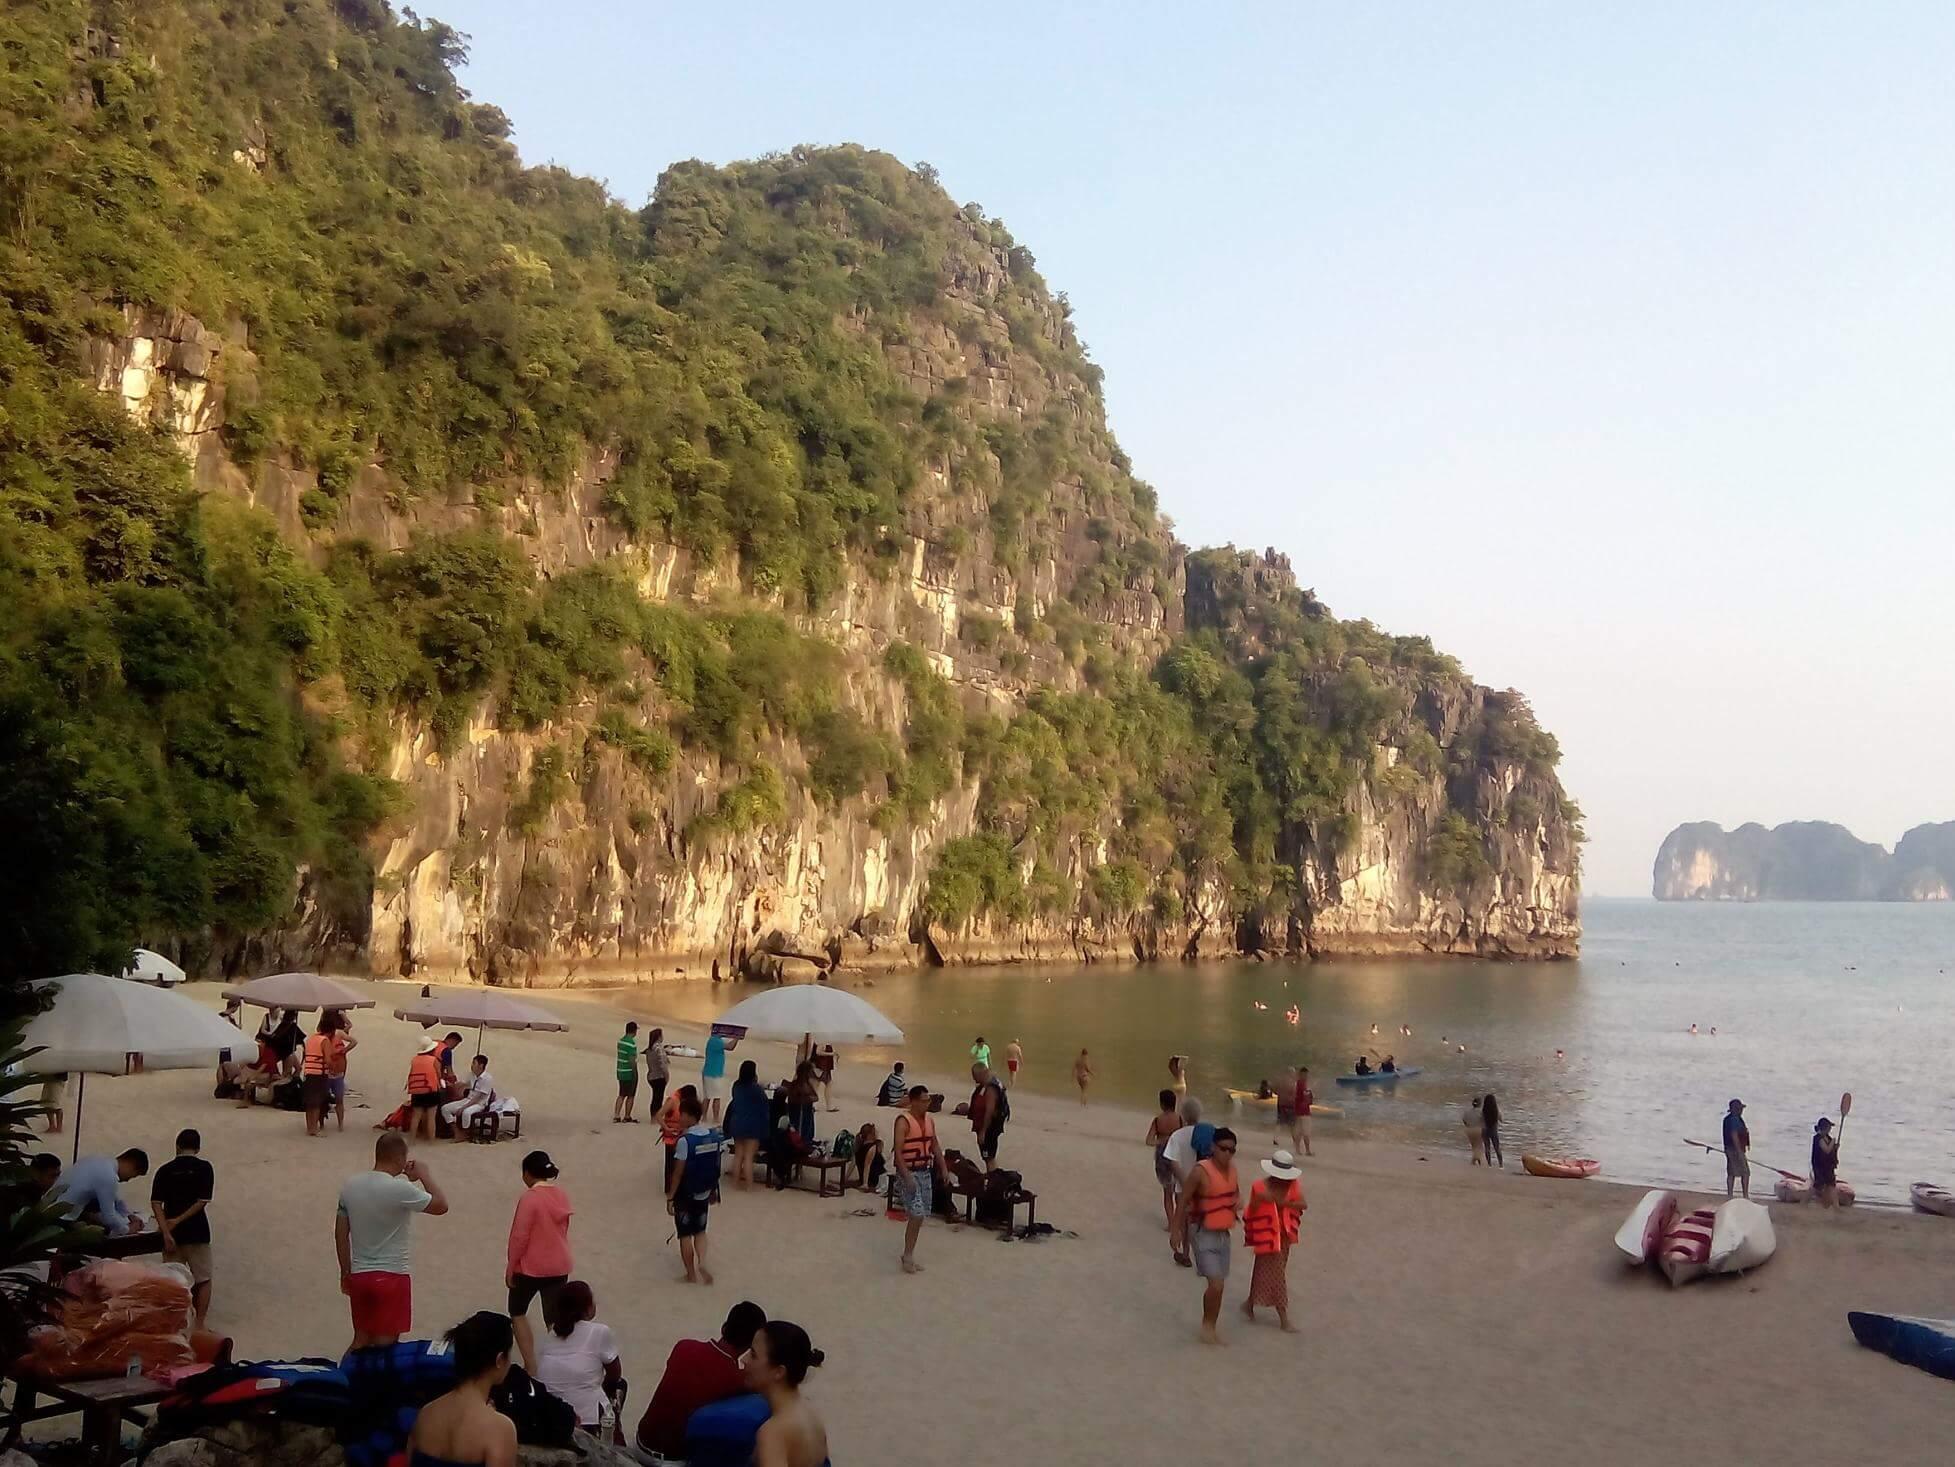 Baño en las aguas de Halong Bay en Vietnam